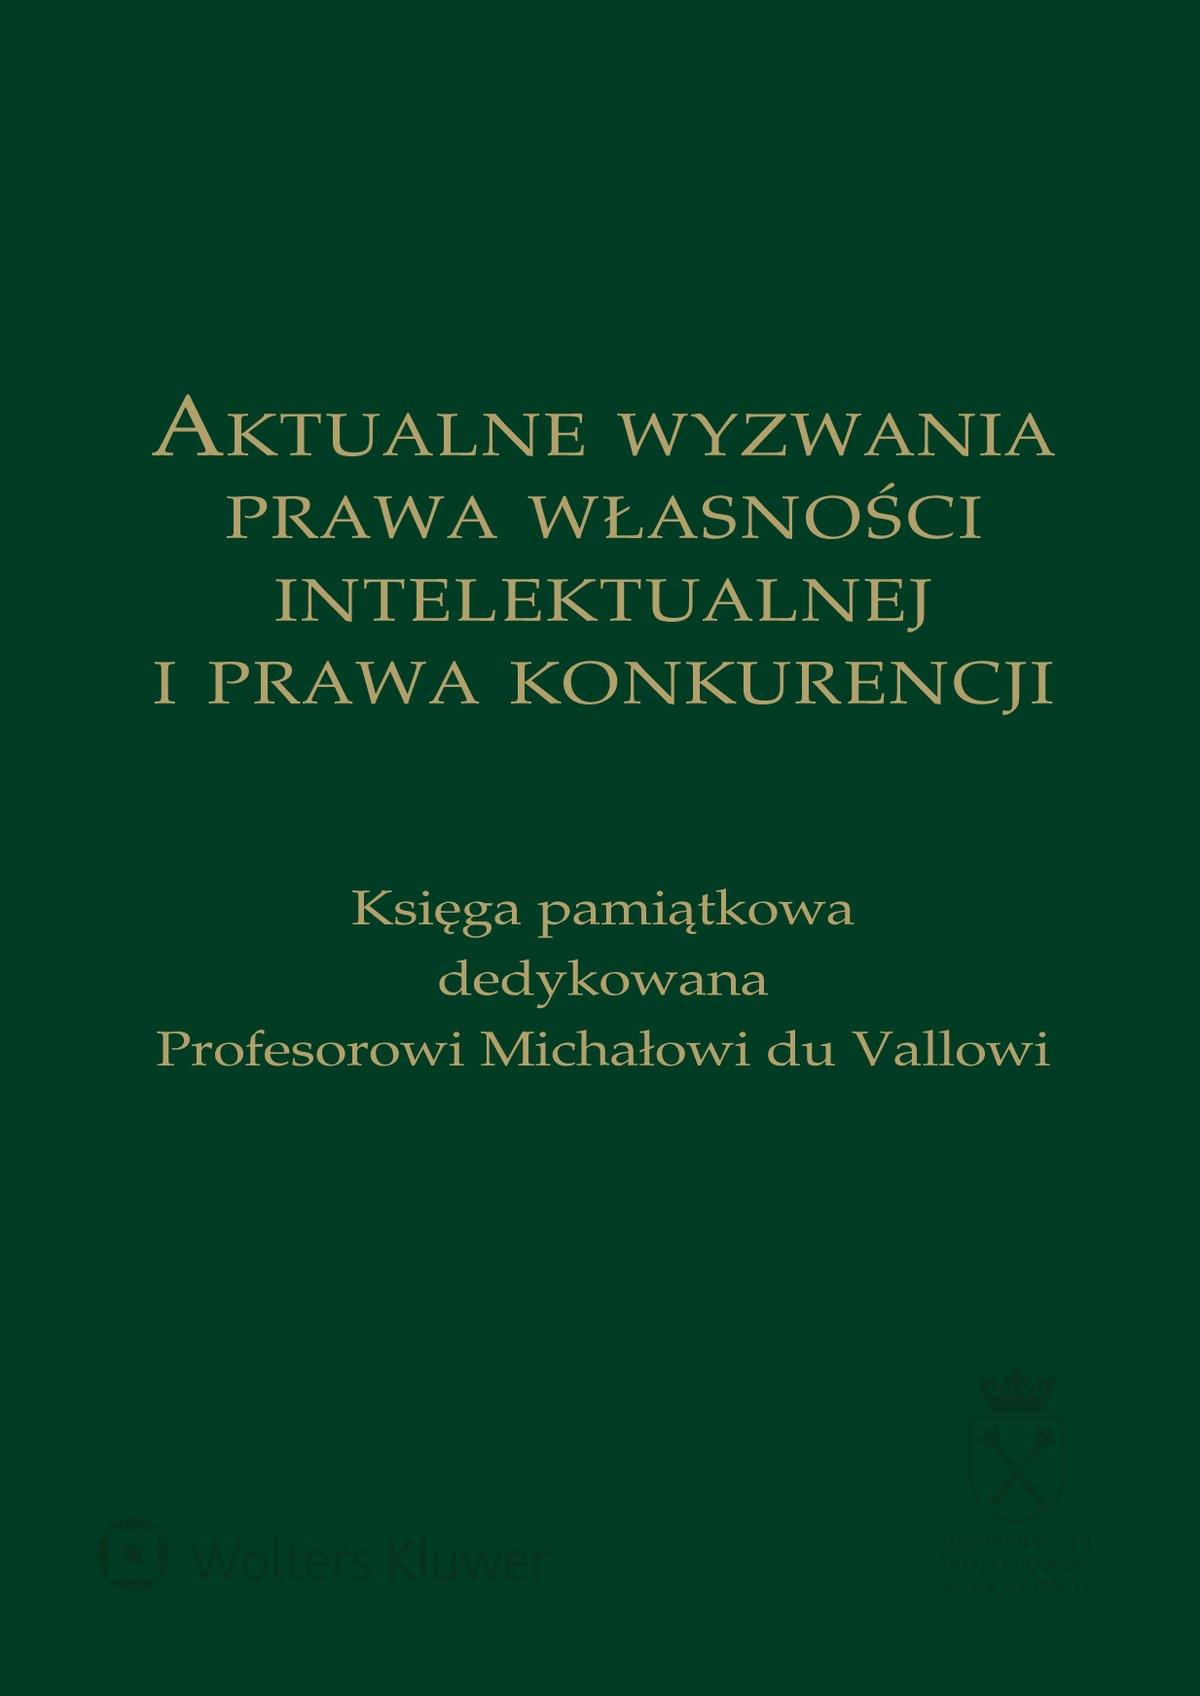 Aktualne wyzwania prawa własności intelektualnej i prawa konkurencji. Księga pamiątkowa dedykowana Profesorowi Michałowi du Vallowi - Ebook (Książka PDF) do pobrania w formacie PDF